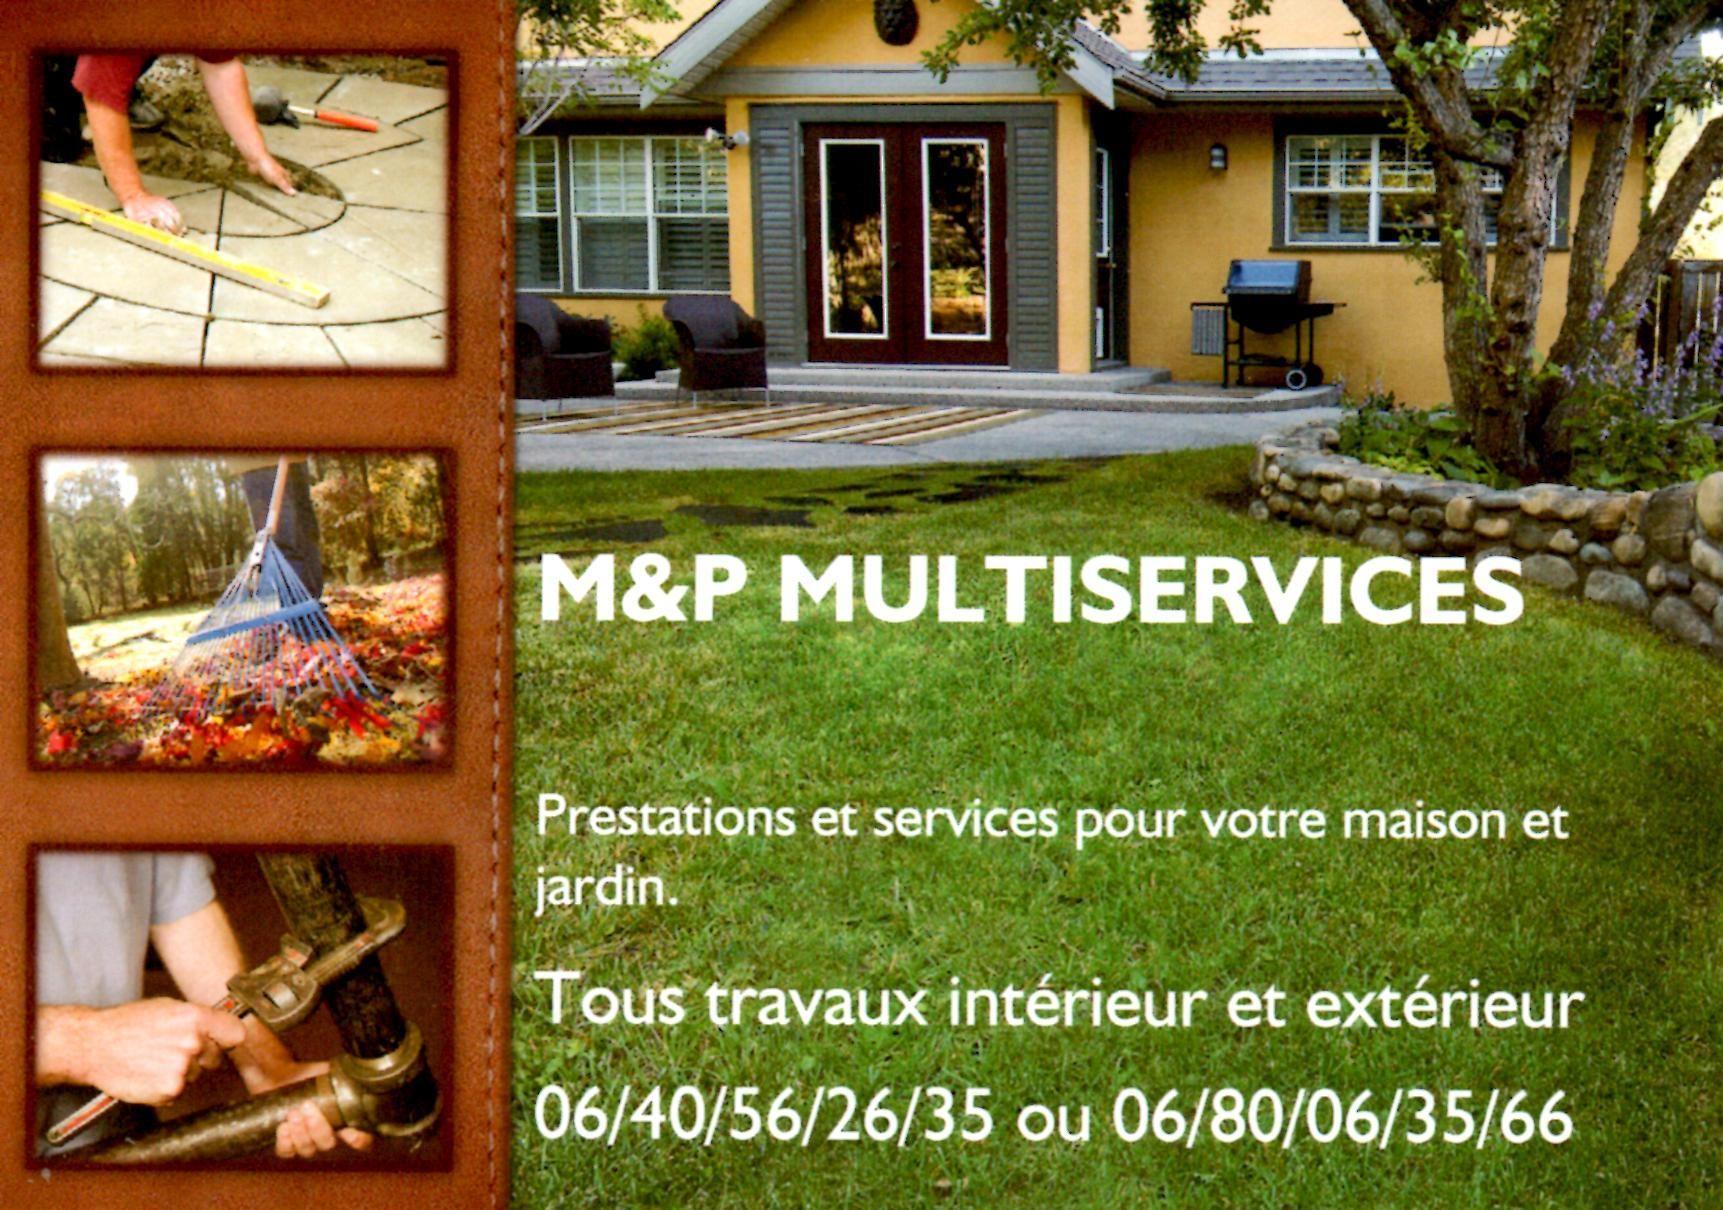 Affichette M P Multiservices Carte De Visite Sante Bien Etre Banderoles Cartes Prospectus